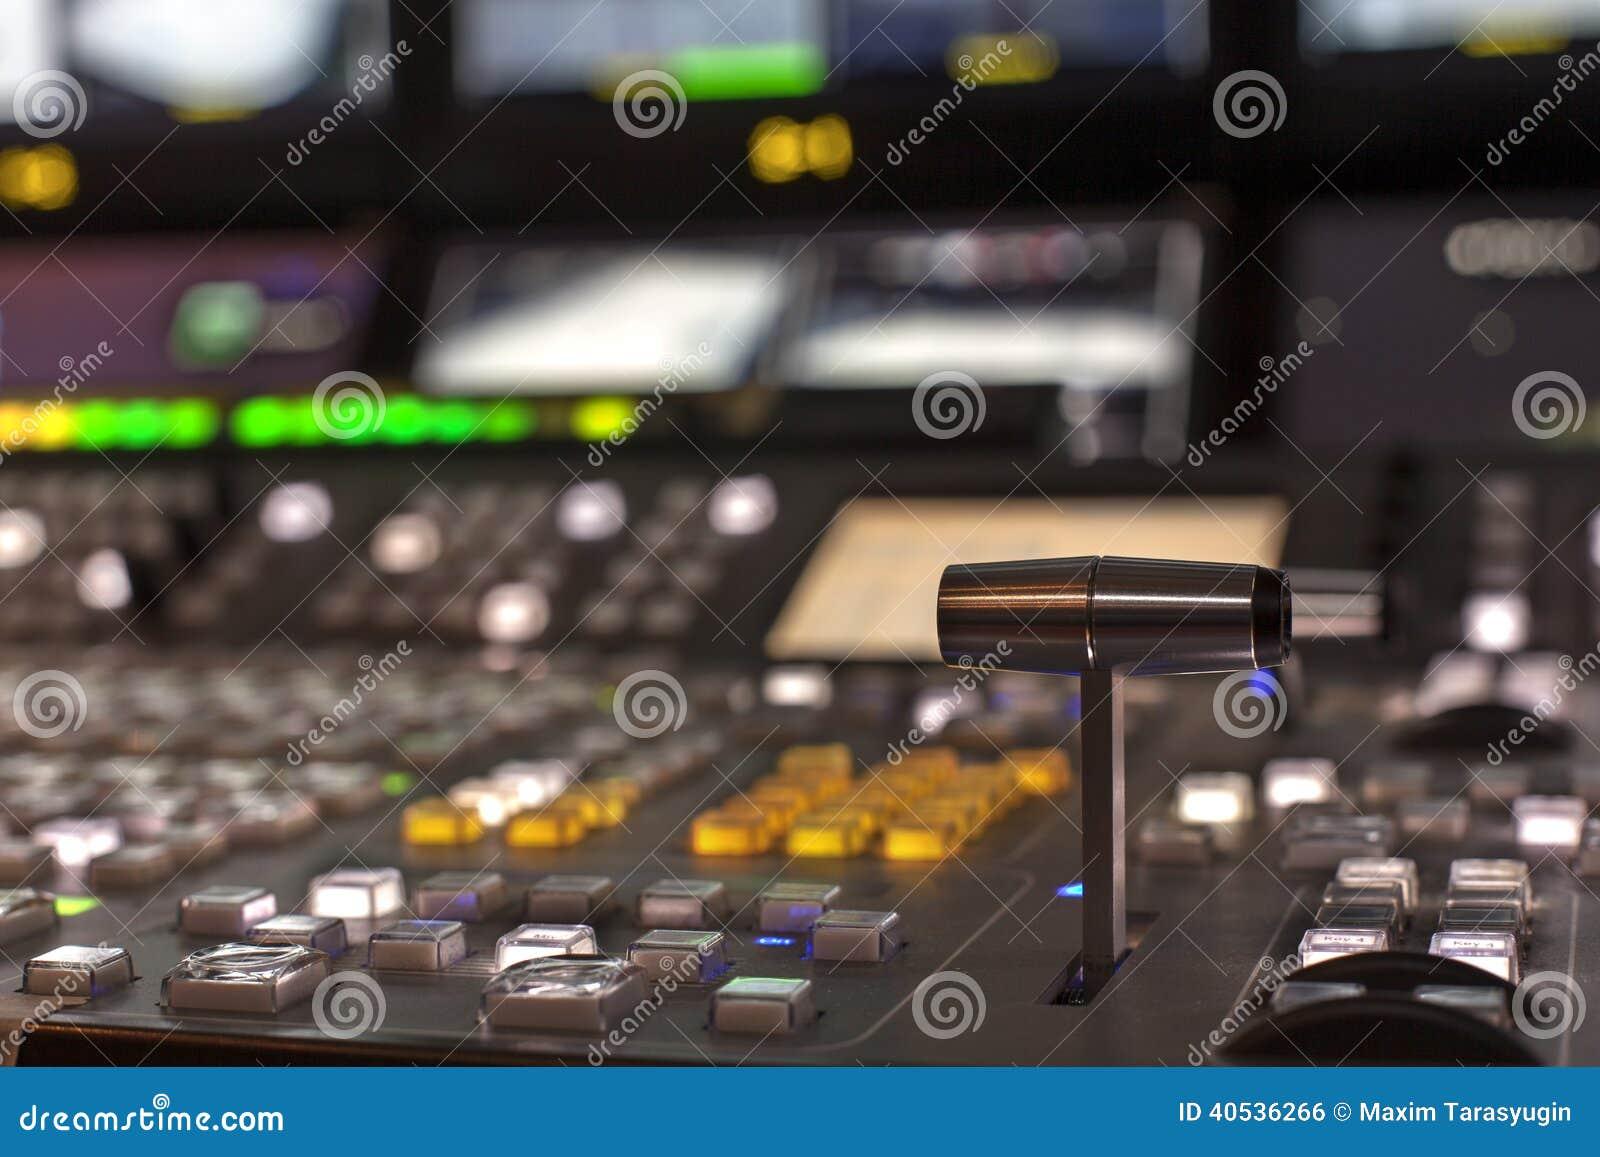 Fernsehsendung